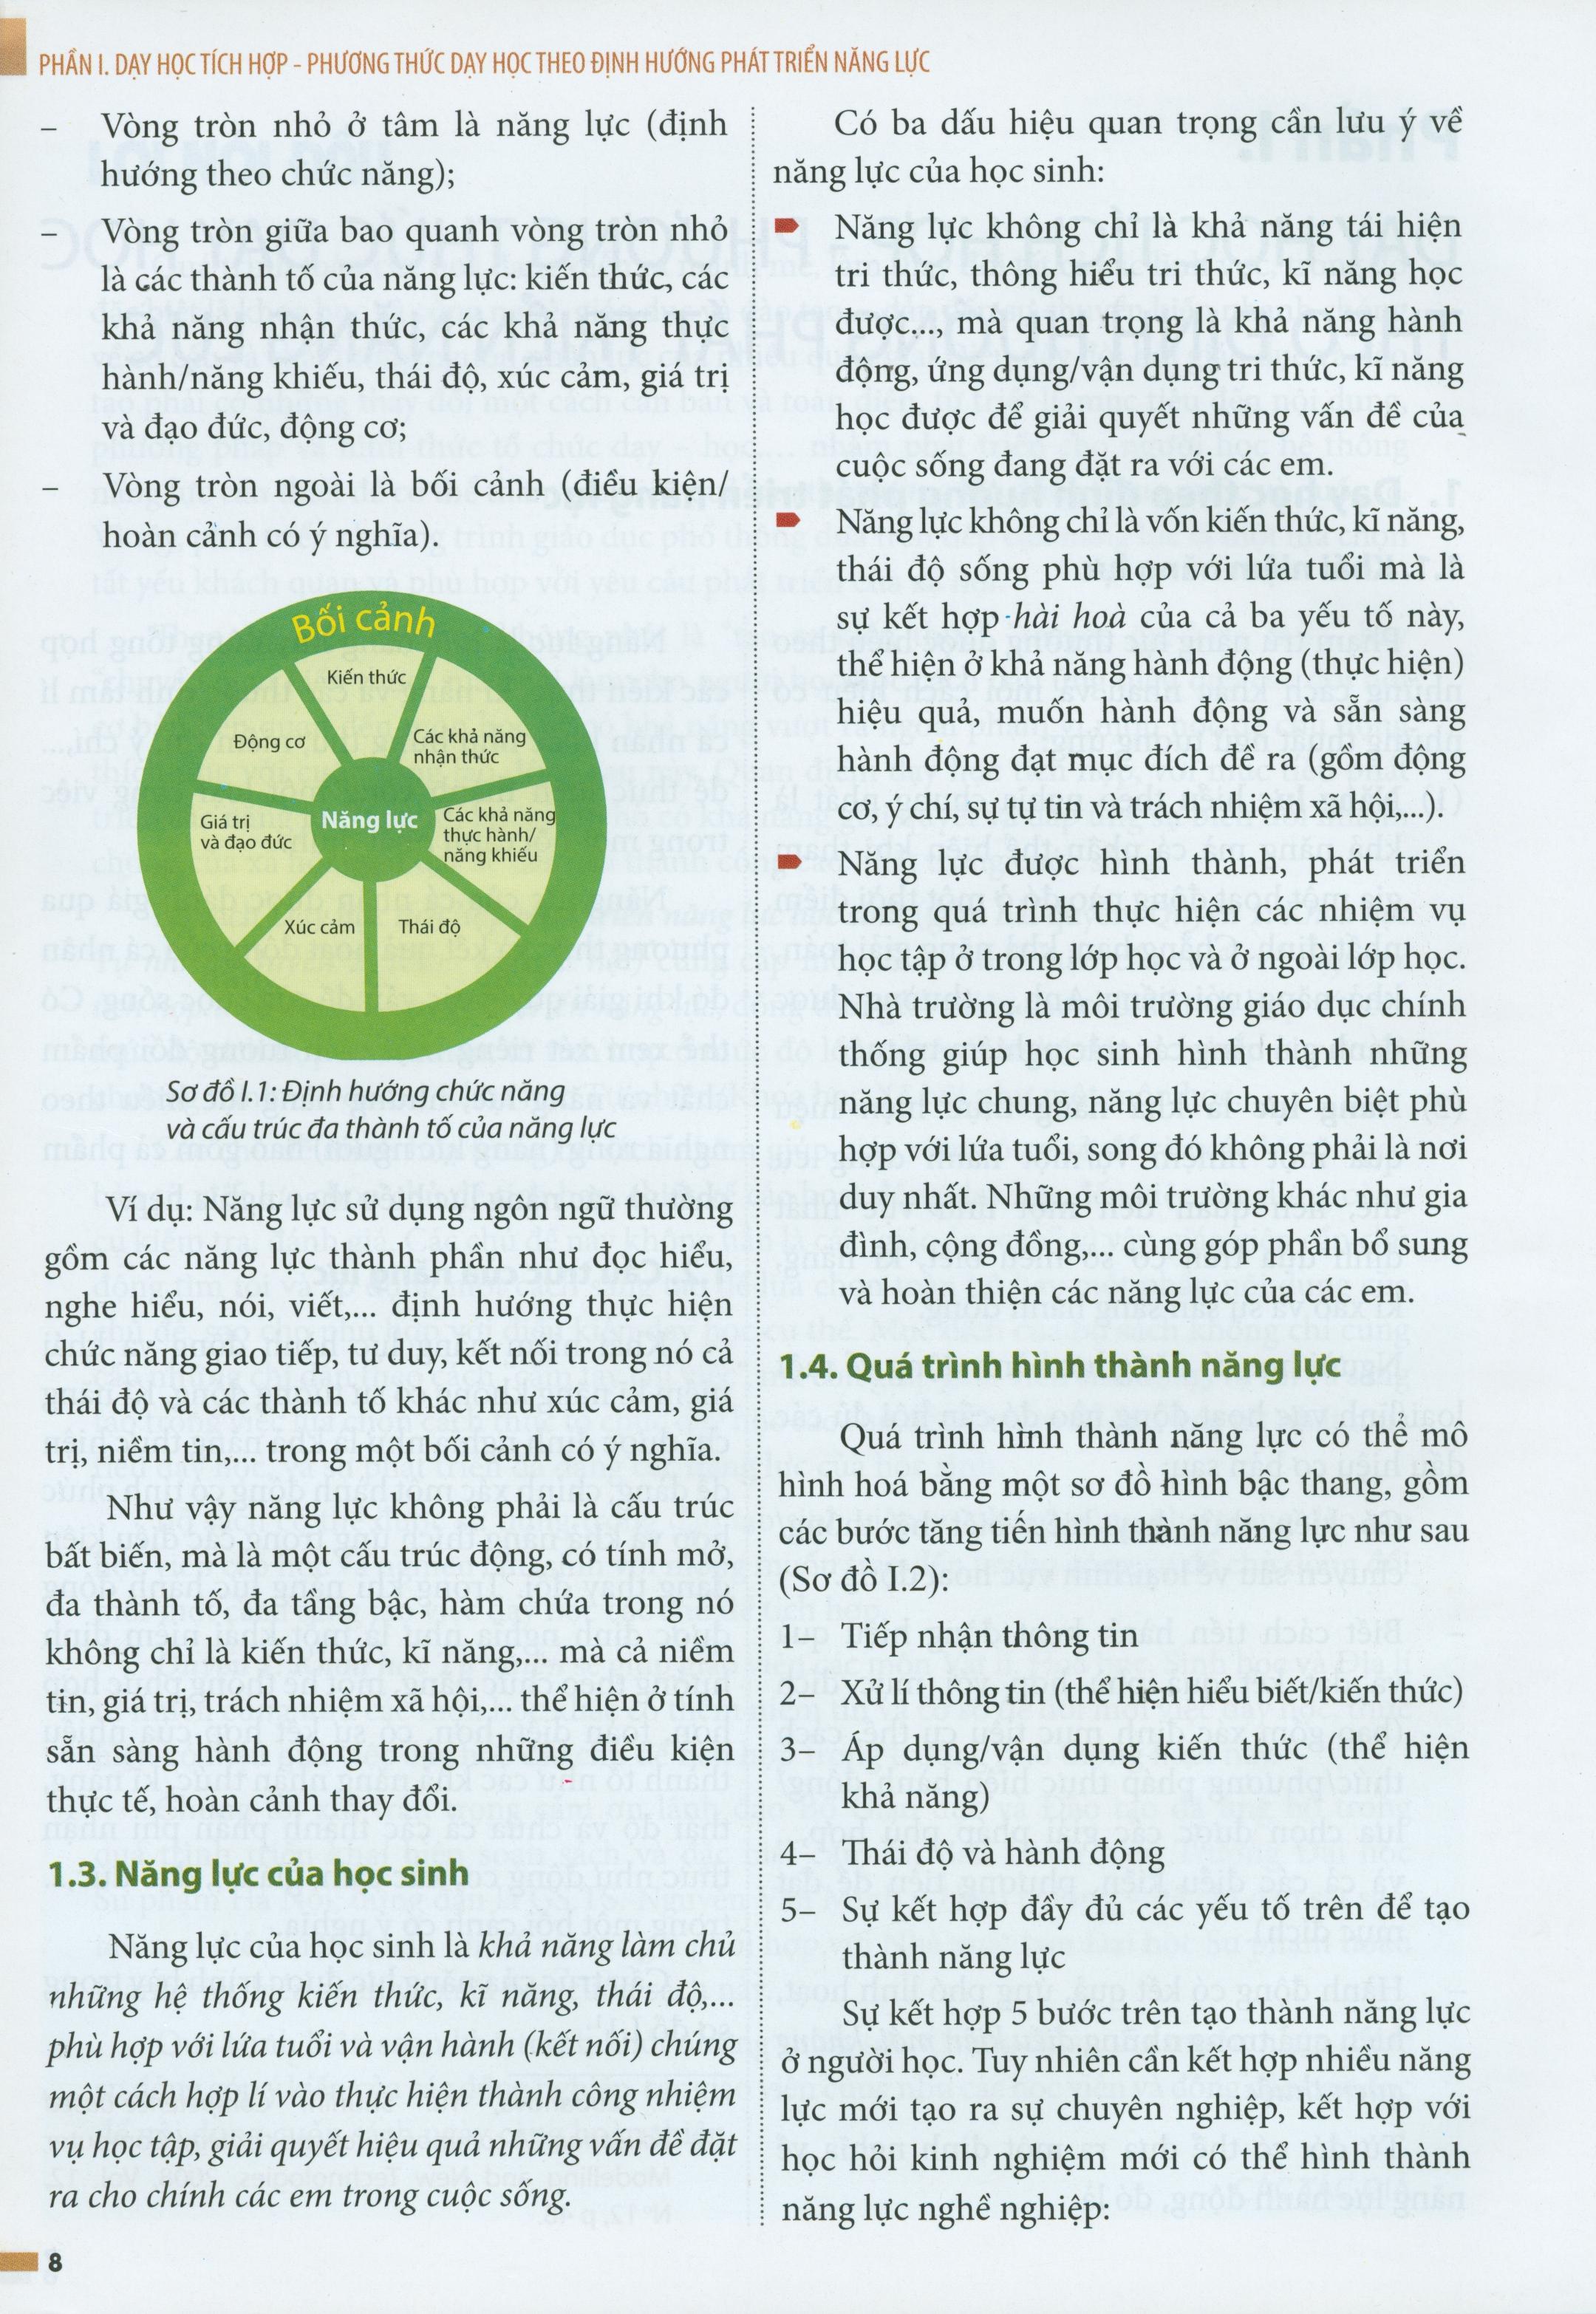 Dạy Học Tích Hợp Phát Triển Năng Lực Học Sinh - Quyển 1 - Khoa Học Tự Nhiên (bìa cứng)